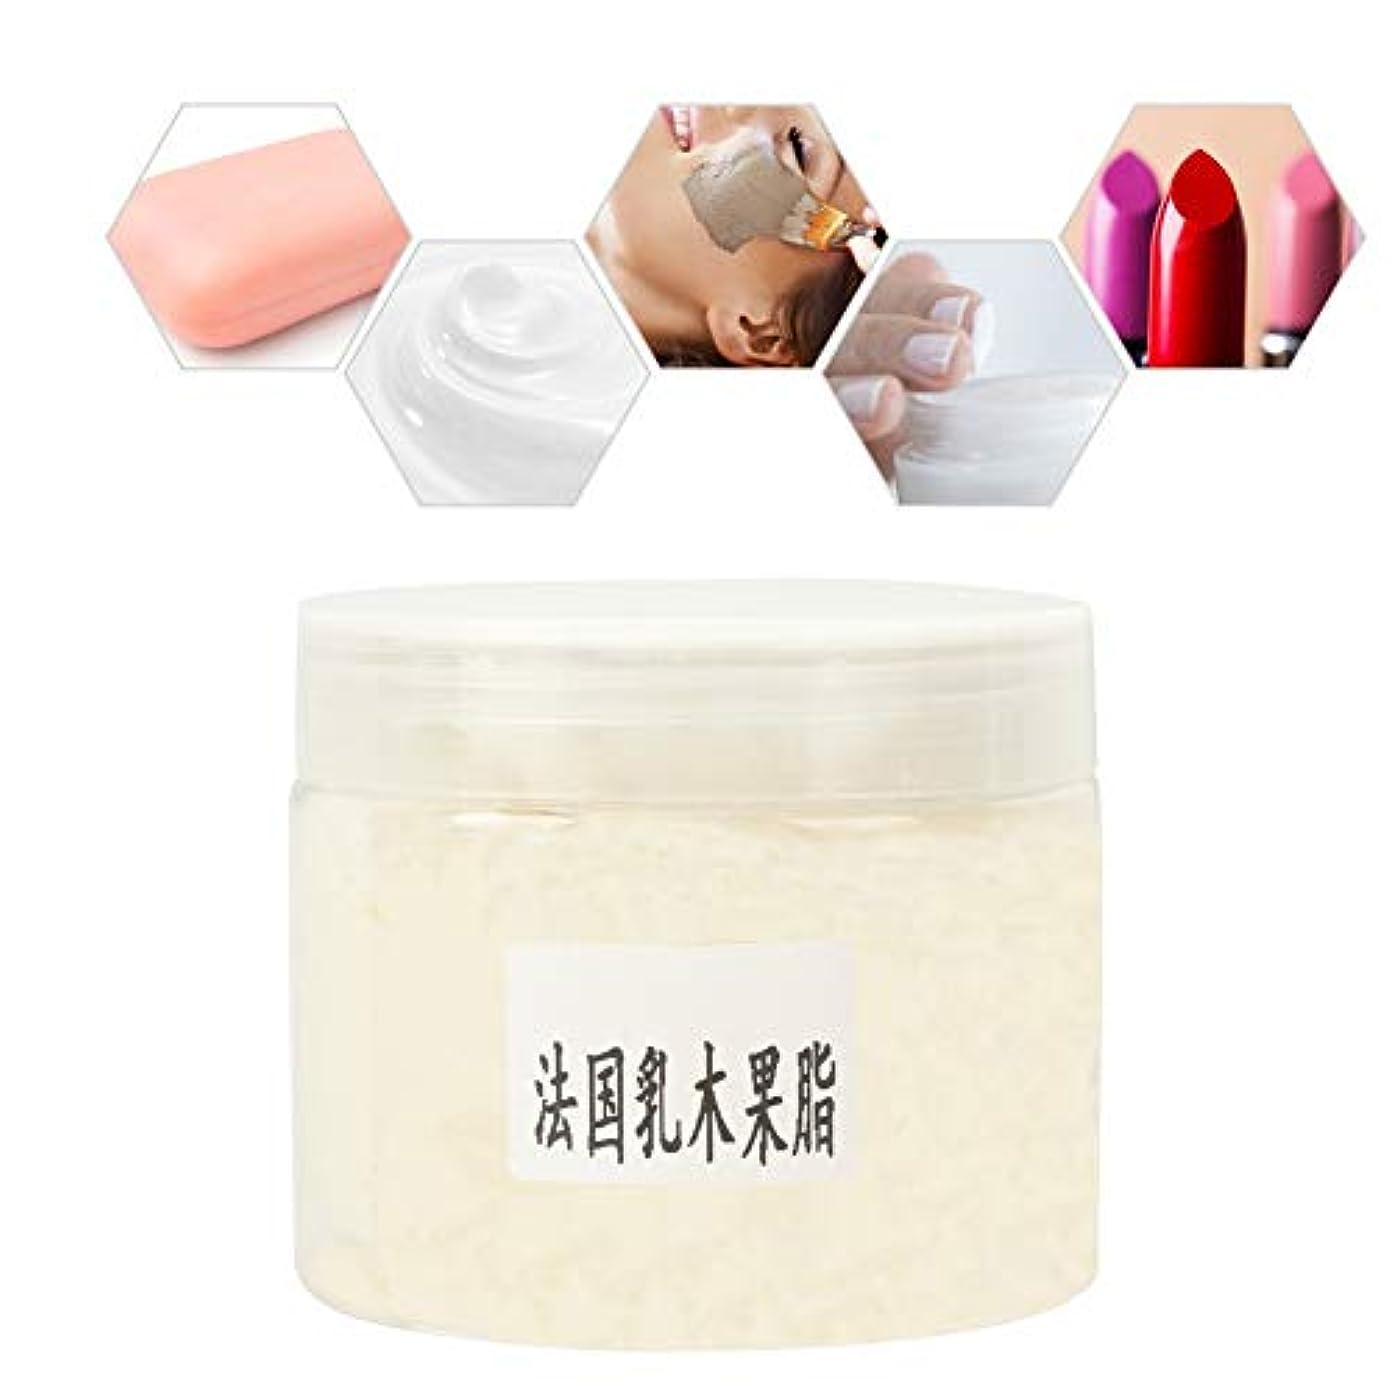 シアバター 精製 オーガニック 100g 手作り化粧品原料 化粧品DIY素材高級洗練されたピュアナチュラルシアバター